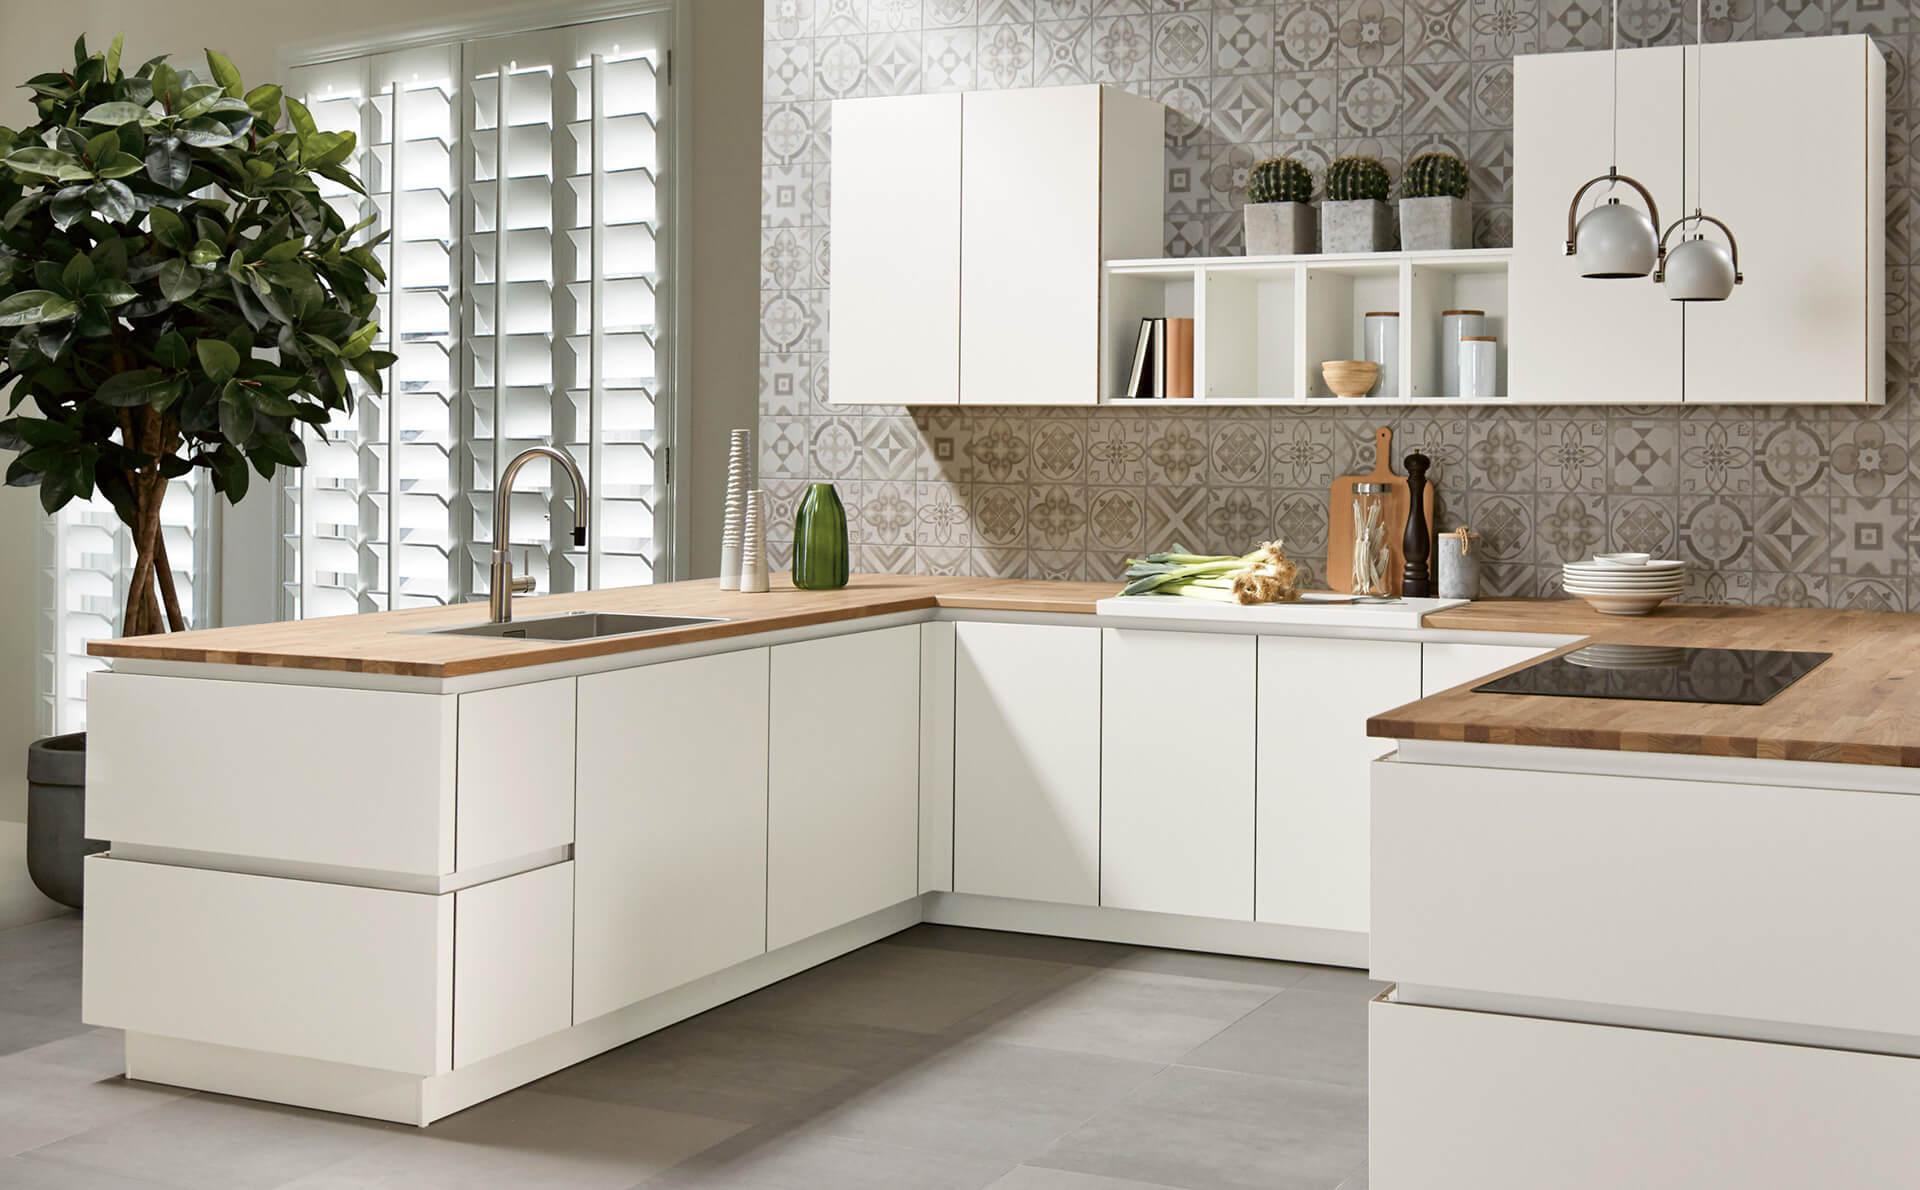 Maxwell Kitchens 13